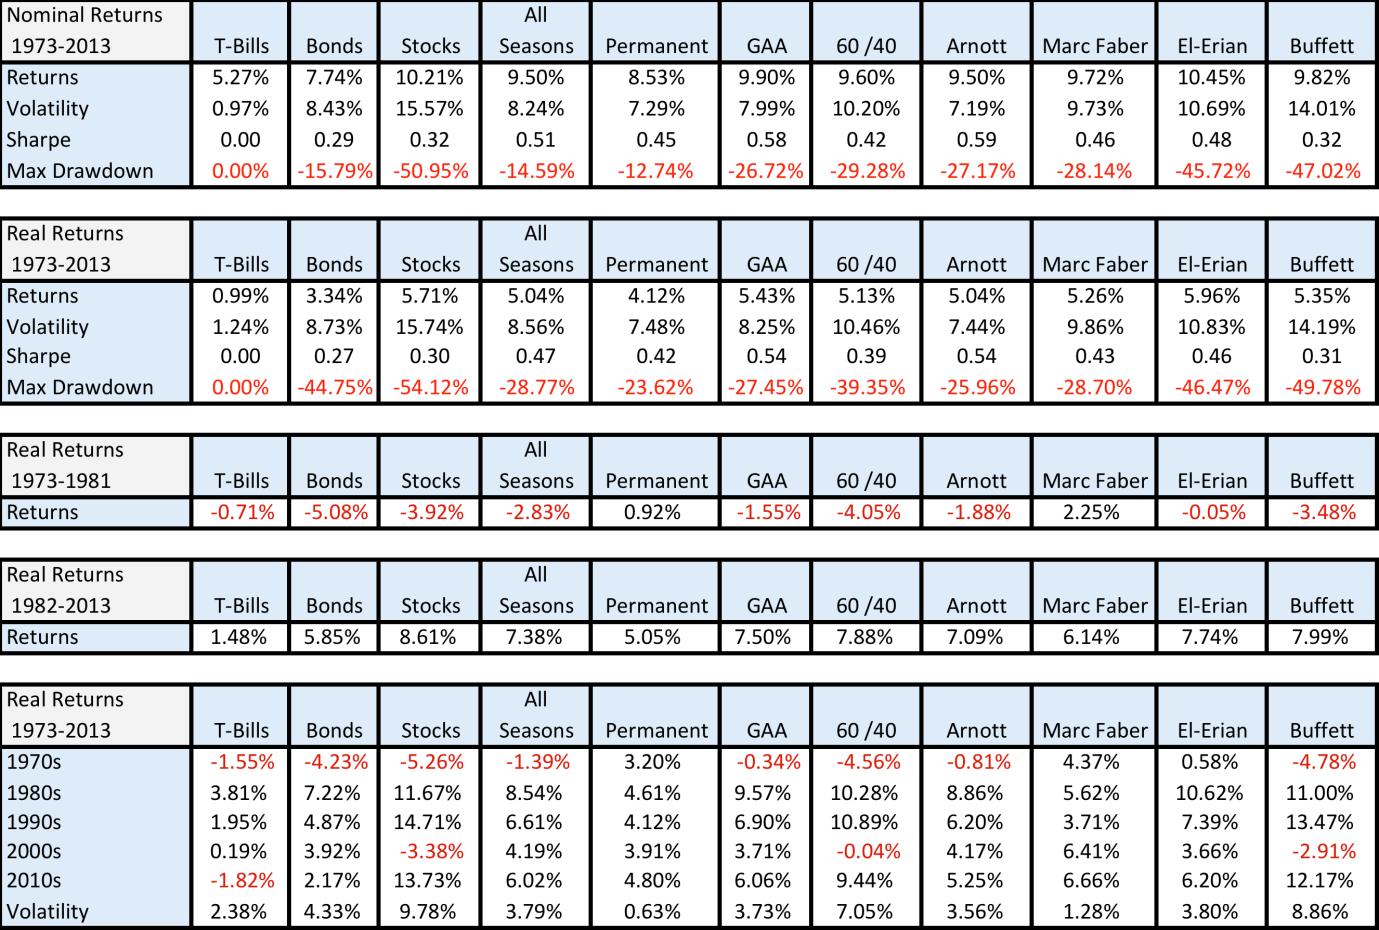 Asset Class Statistics, 1973-2013